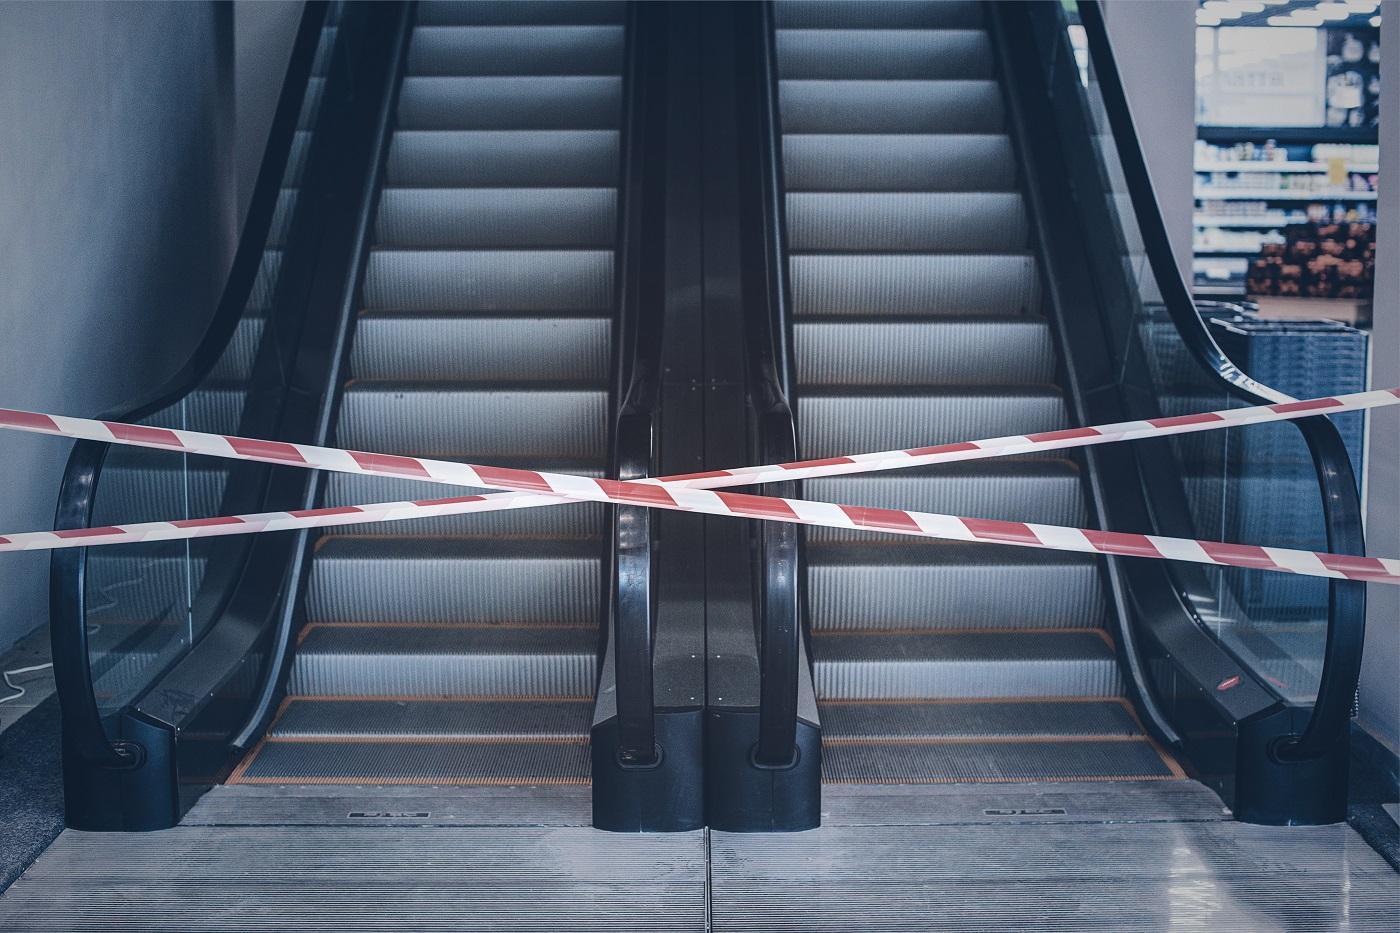 Til sammen har 672 bedrifter gått overende i spetember, en økning på hele 52 prosent målt mot september i fjor. Dette viser den siste konkursstatistikken til Dun & Bradstreet.